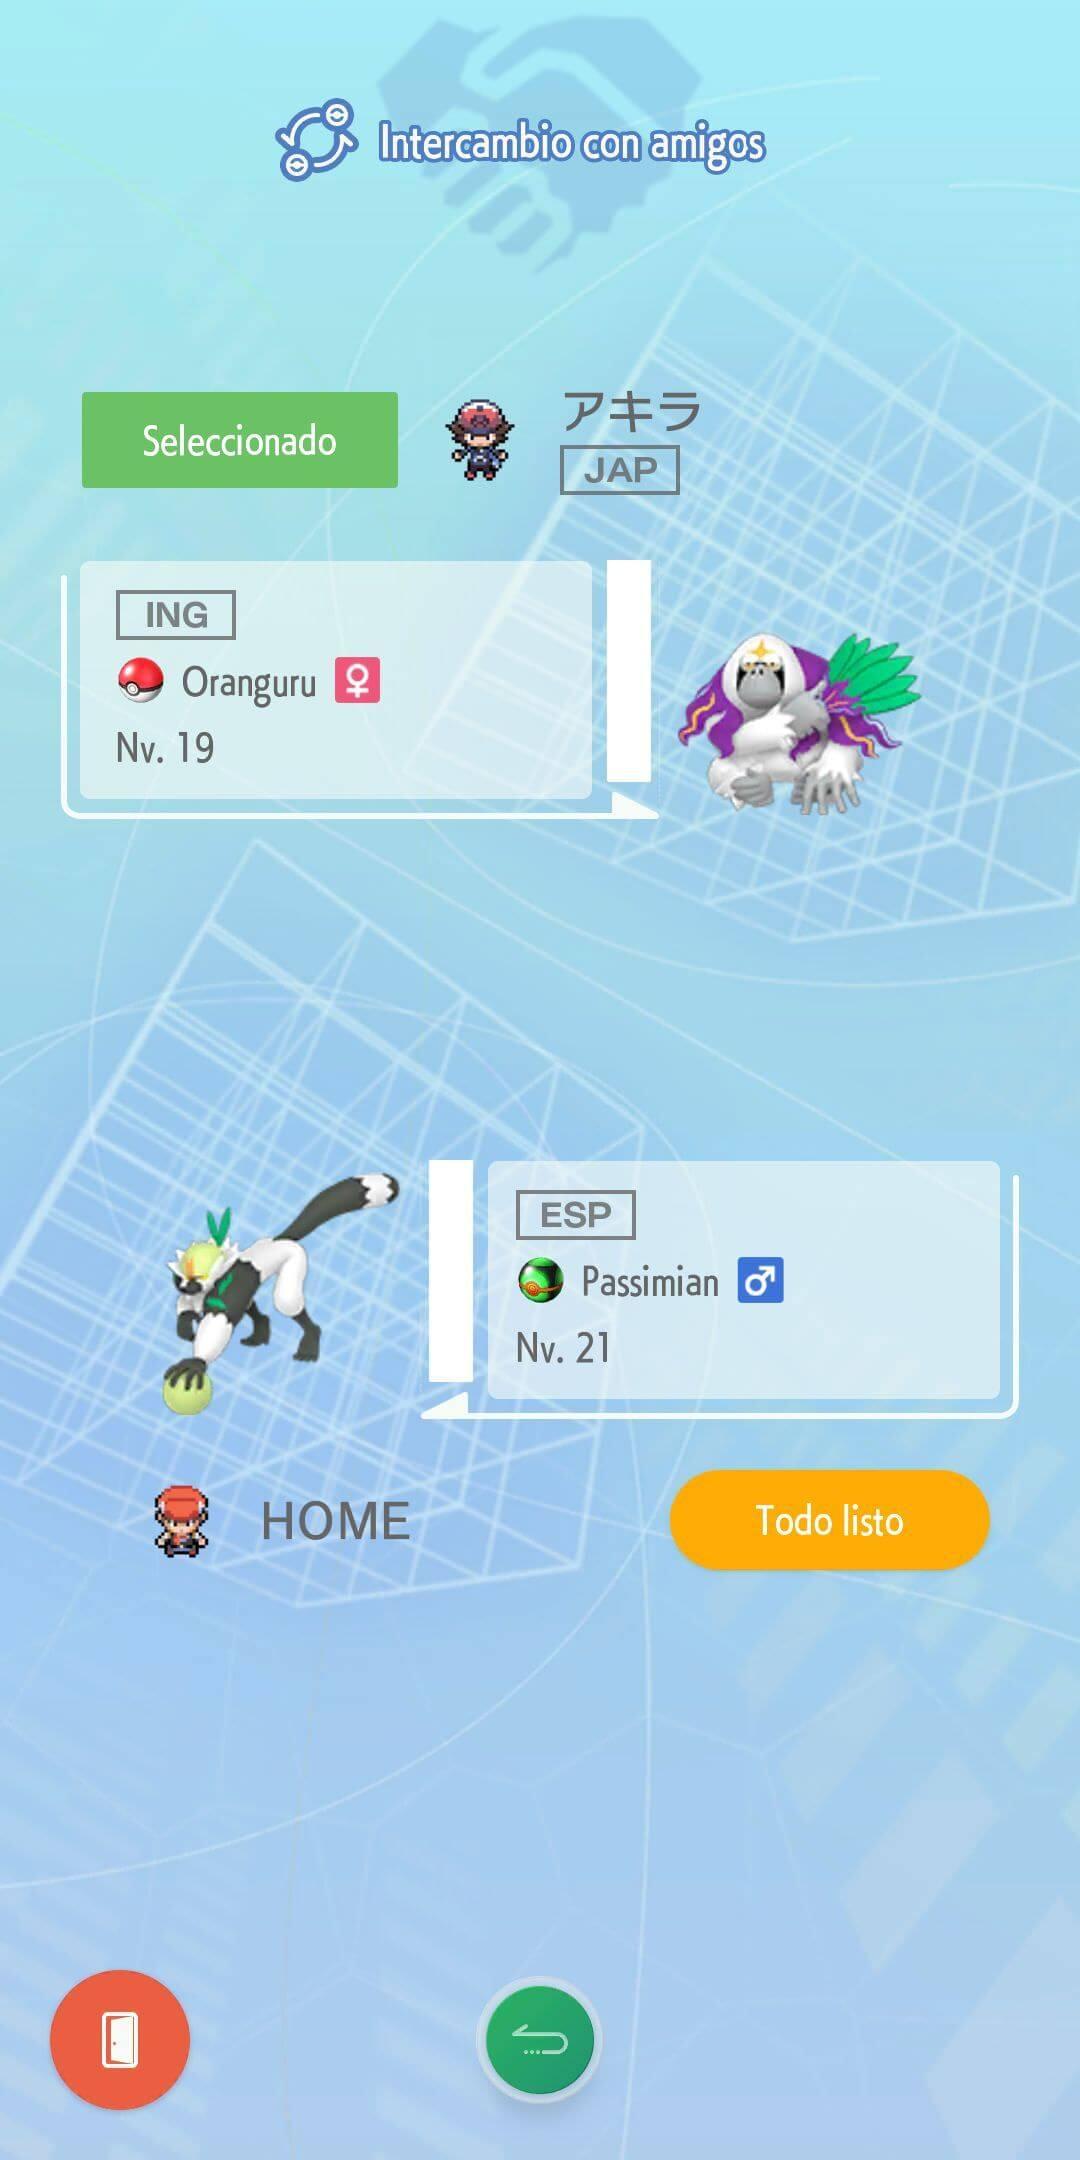 Intercambio con amigos Pokemon Home